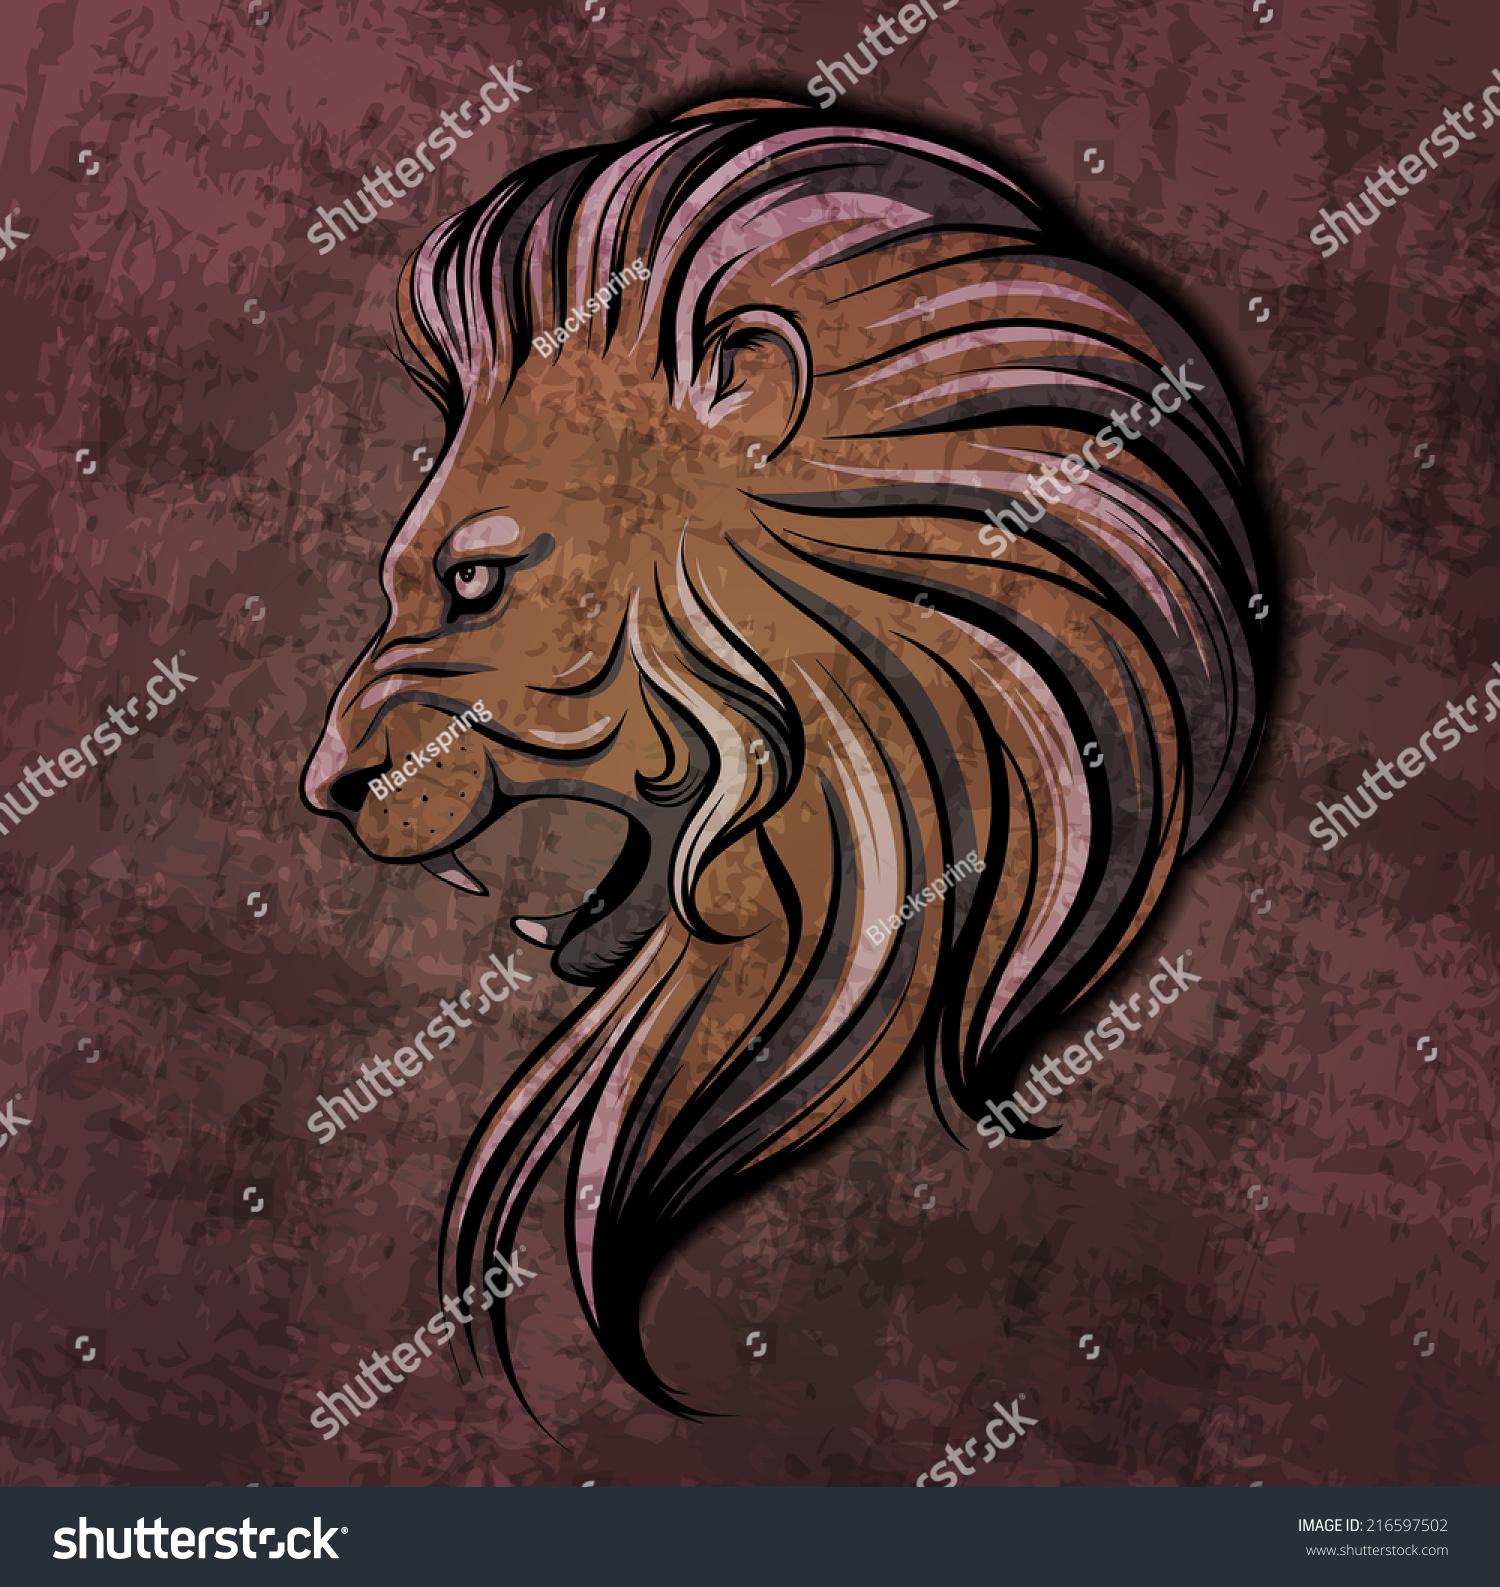 狮子兔枯燥乏味的插图-动物/野生生物